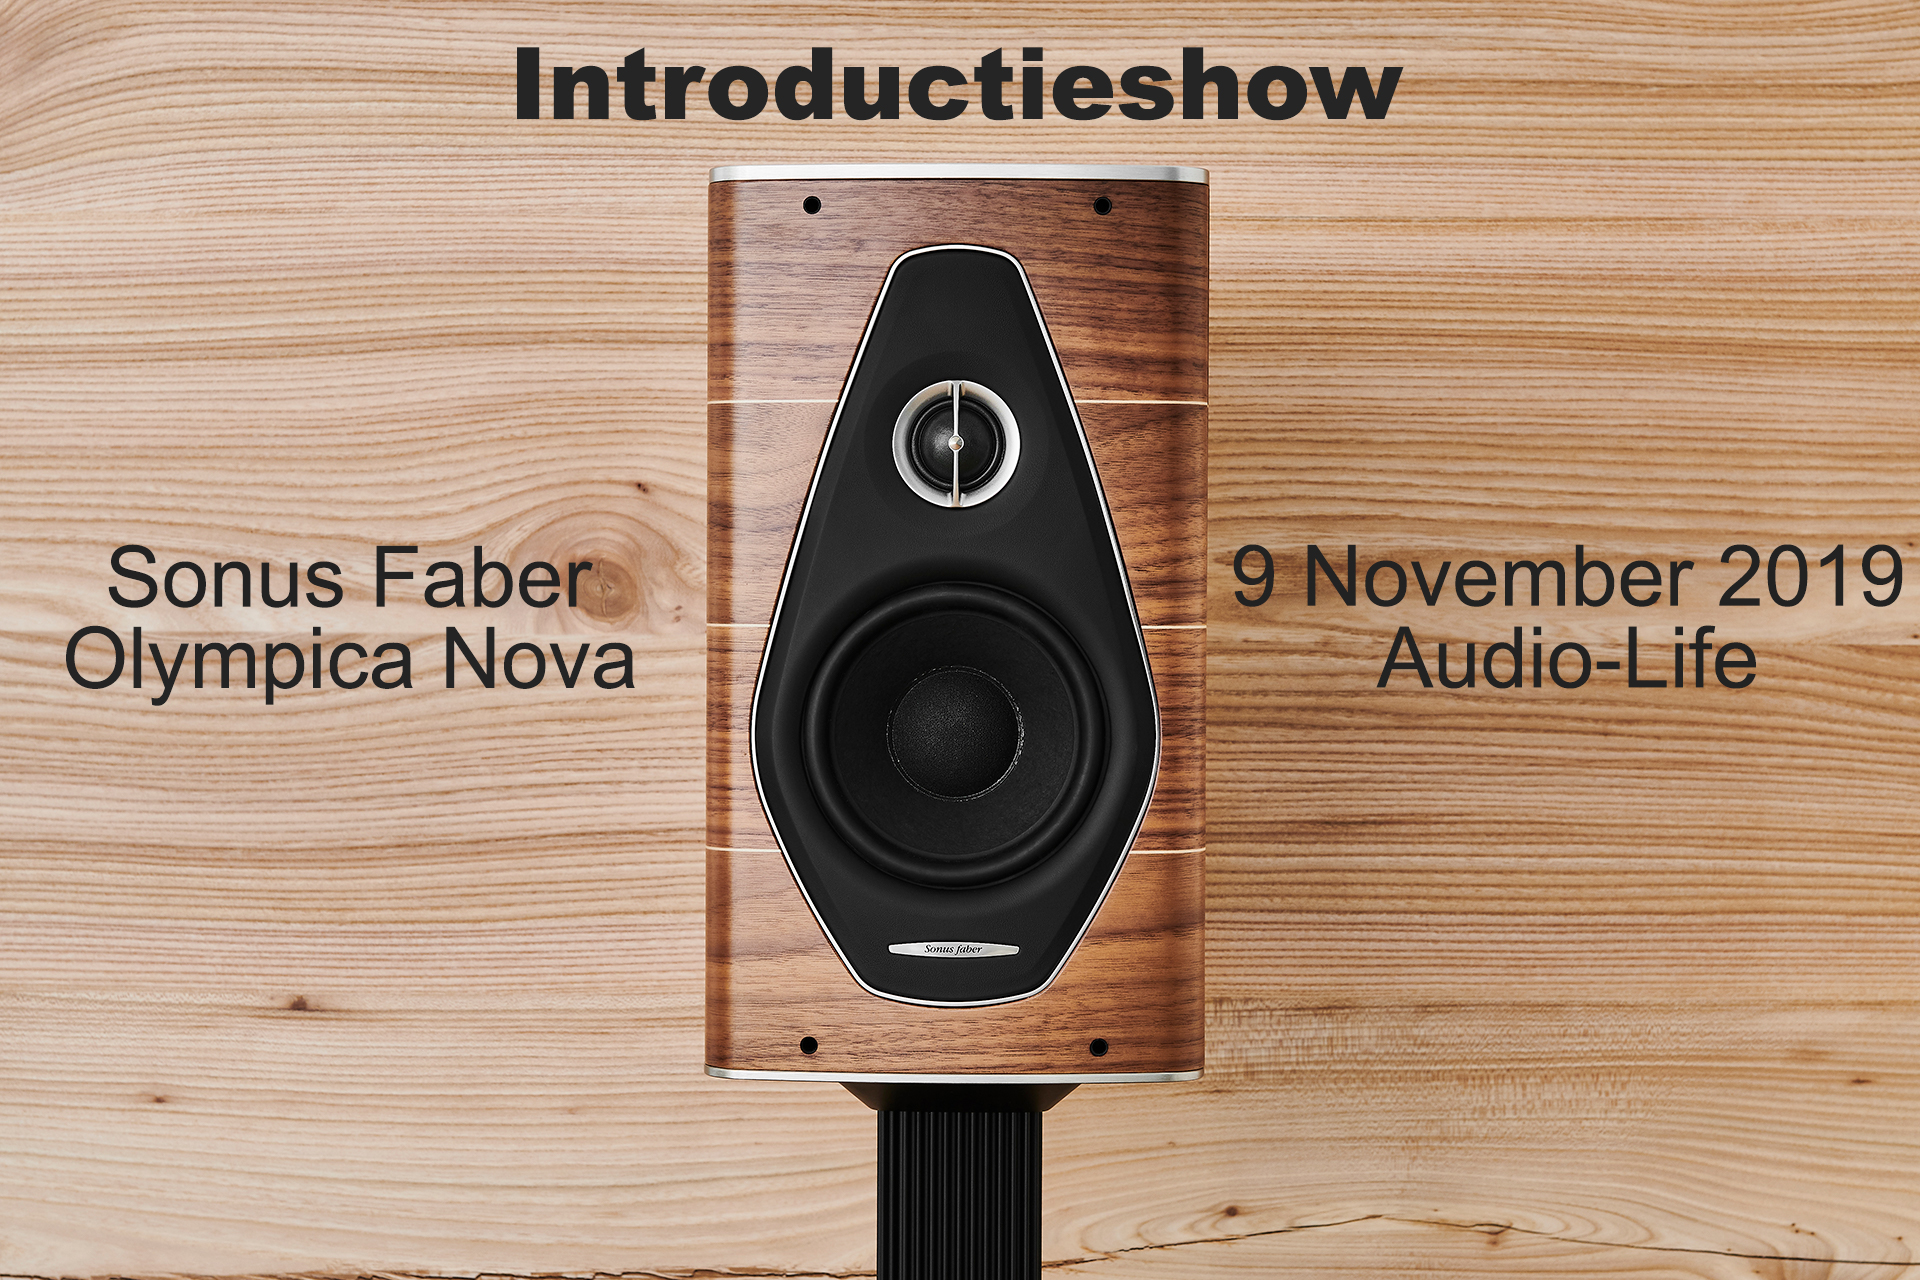 Olympica Nova show Audio-Life